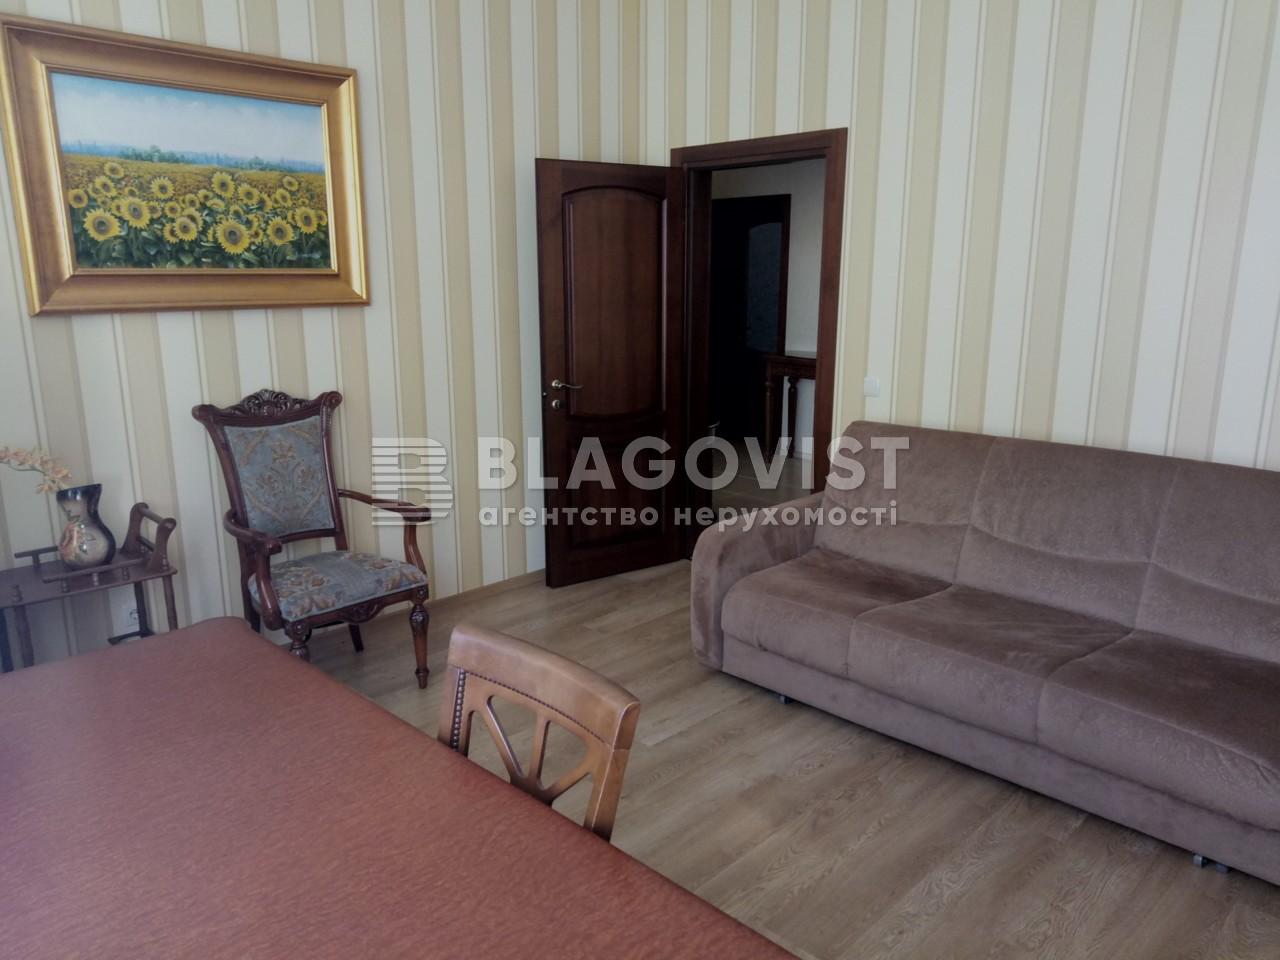 Квартира M-35970, Борщаговская, 28а, Петропавловская Борщаговка - Фото 5